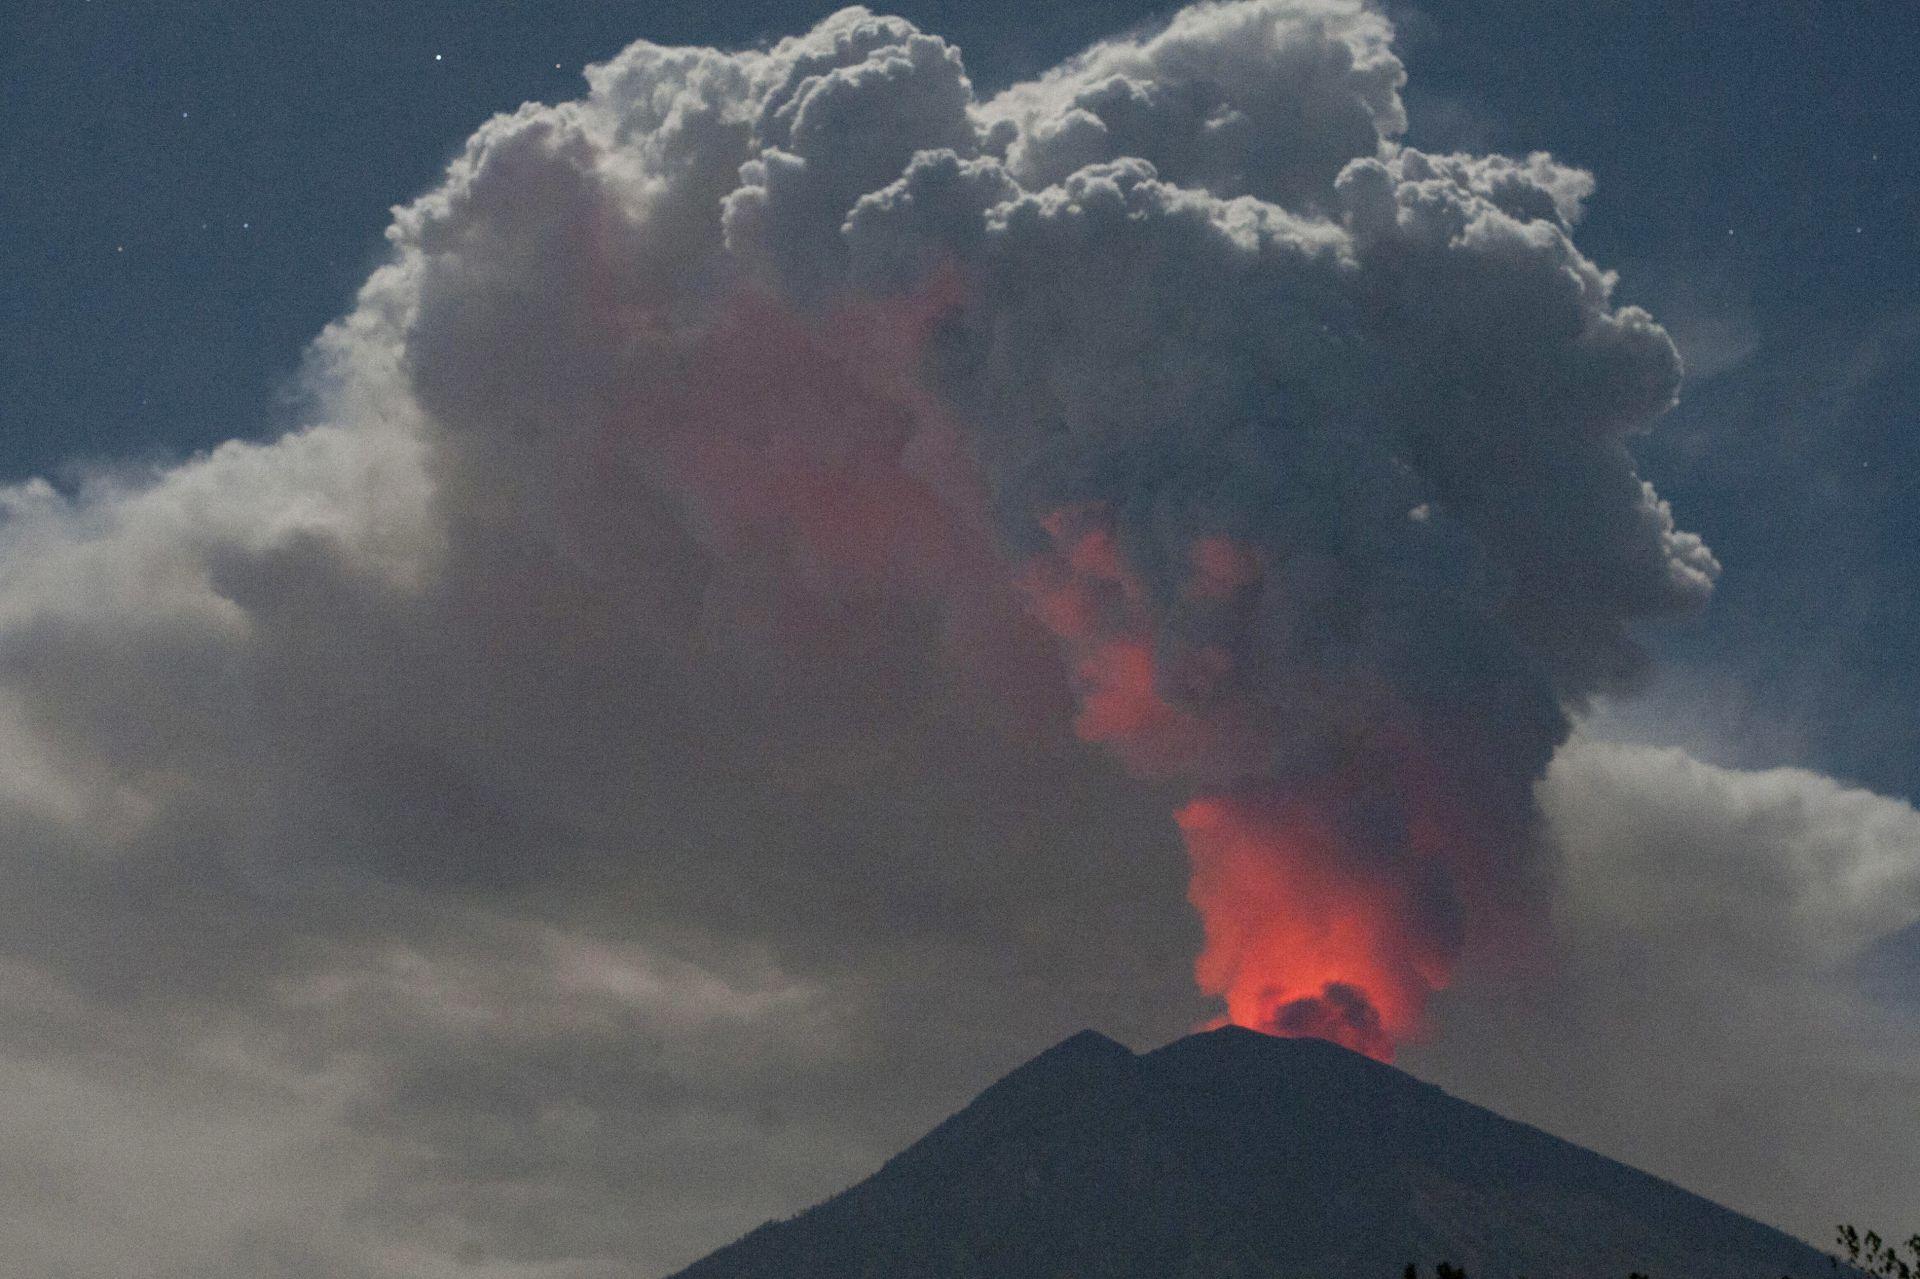 Впечатляващо оранжево-червено сияние може да се види на върха на кратера на планината Агунг